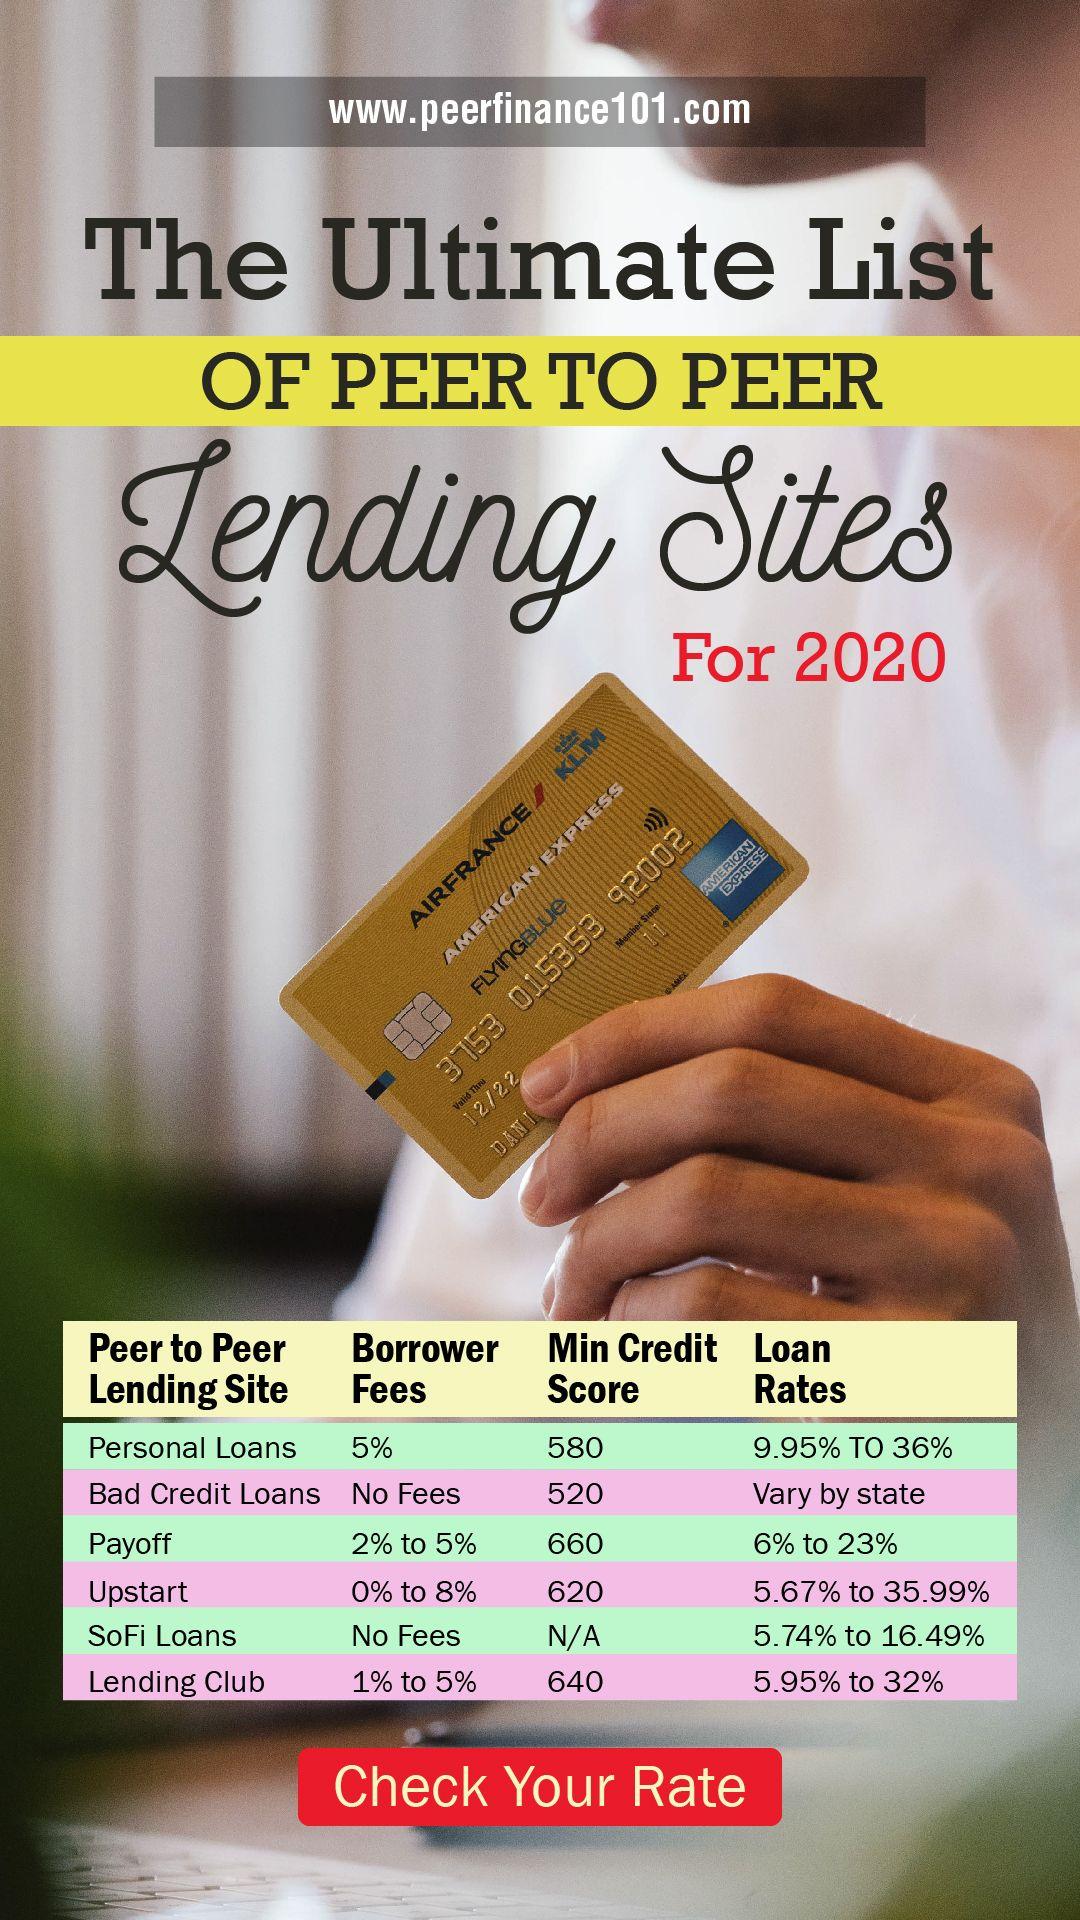 The Ultimate List Of Peer To Peer Lending Sites For 2020 In 2020 Peer To Peer Lending Lending Site Peer